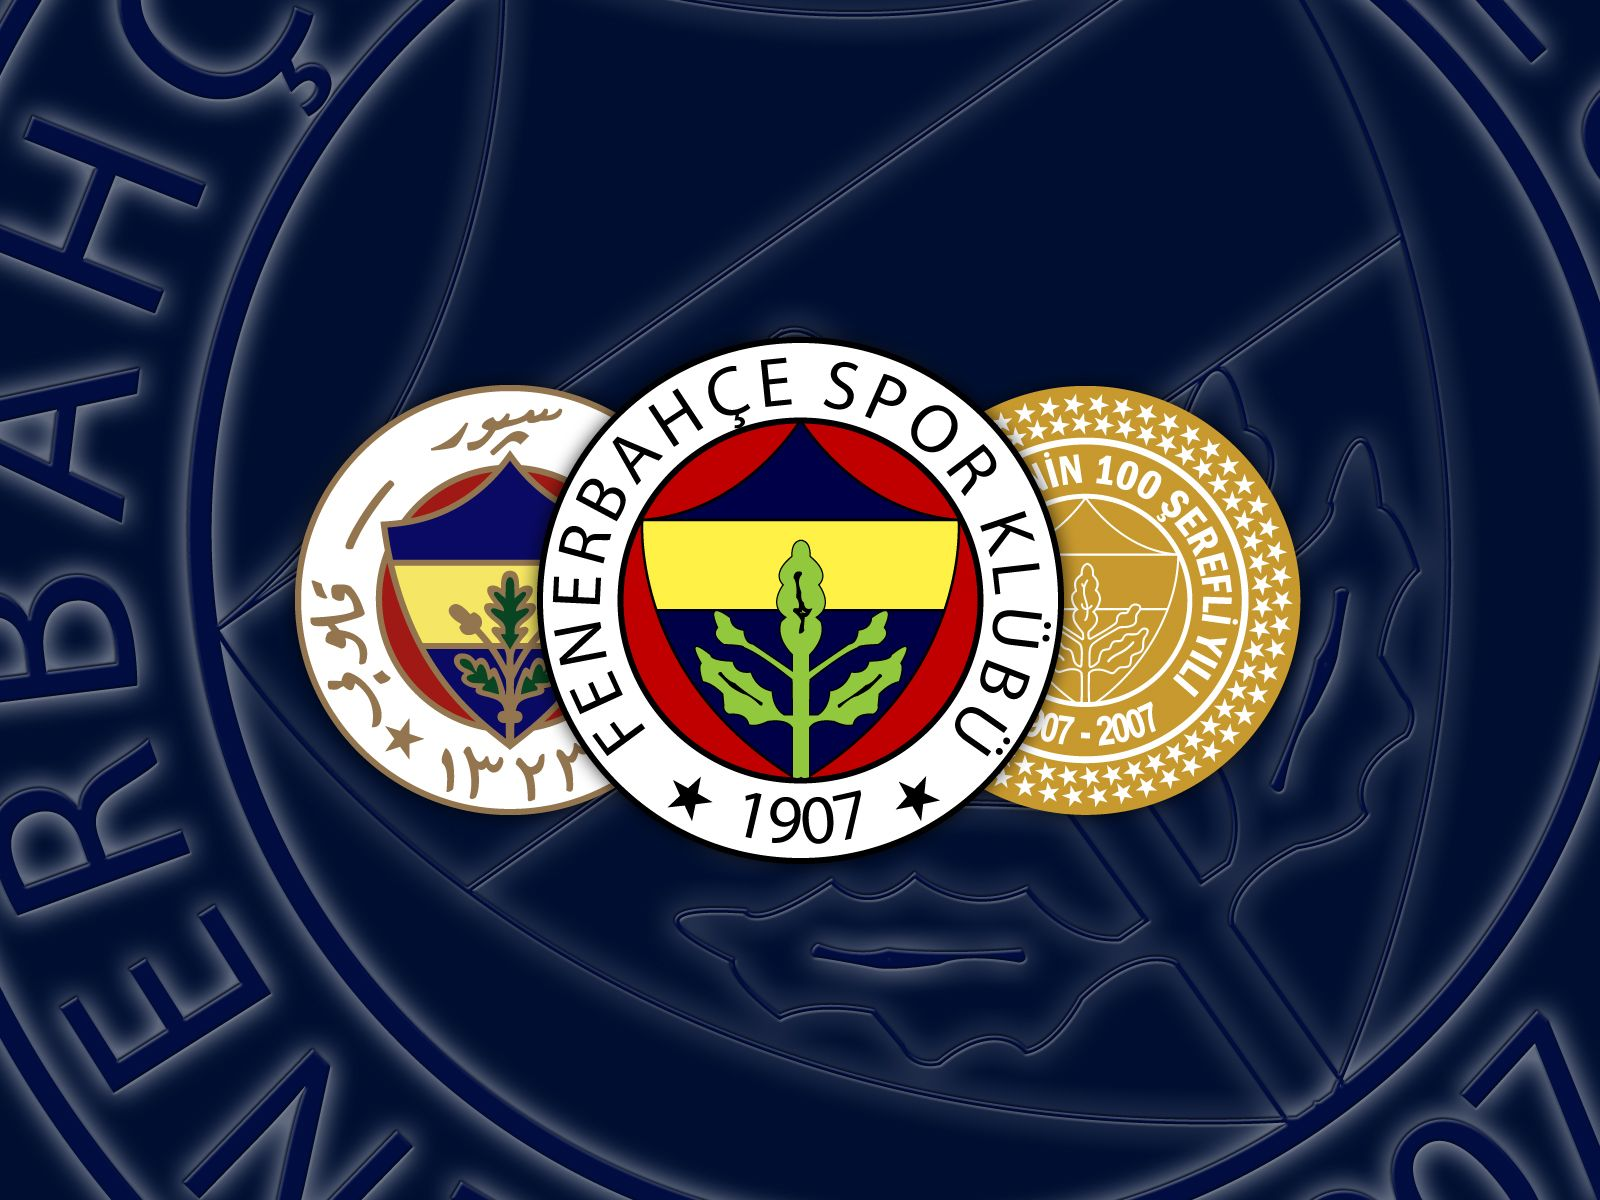 Fenerbahçe Hd Masaüstü Arkaplan Resimler